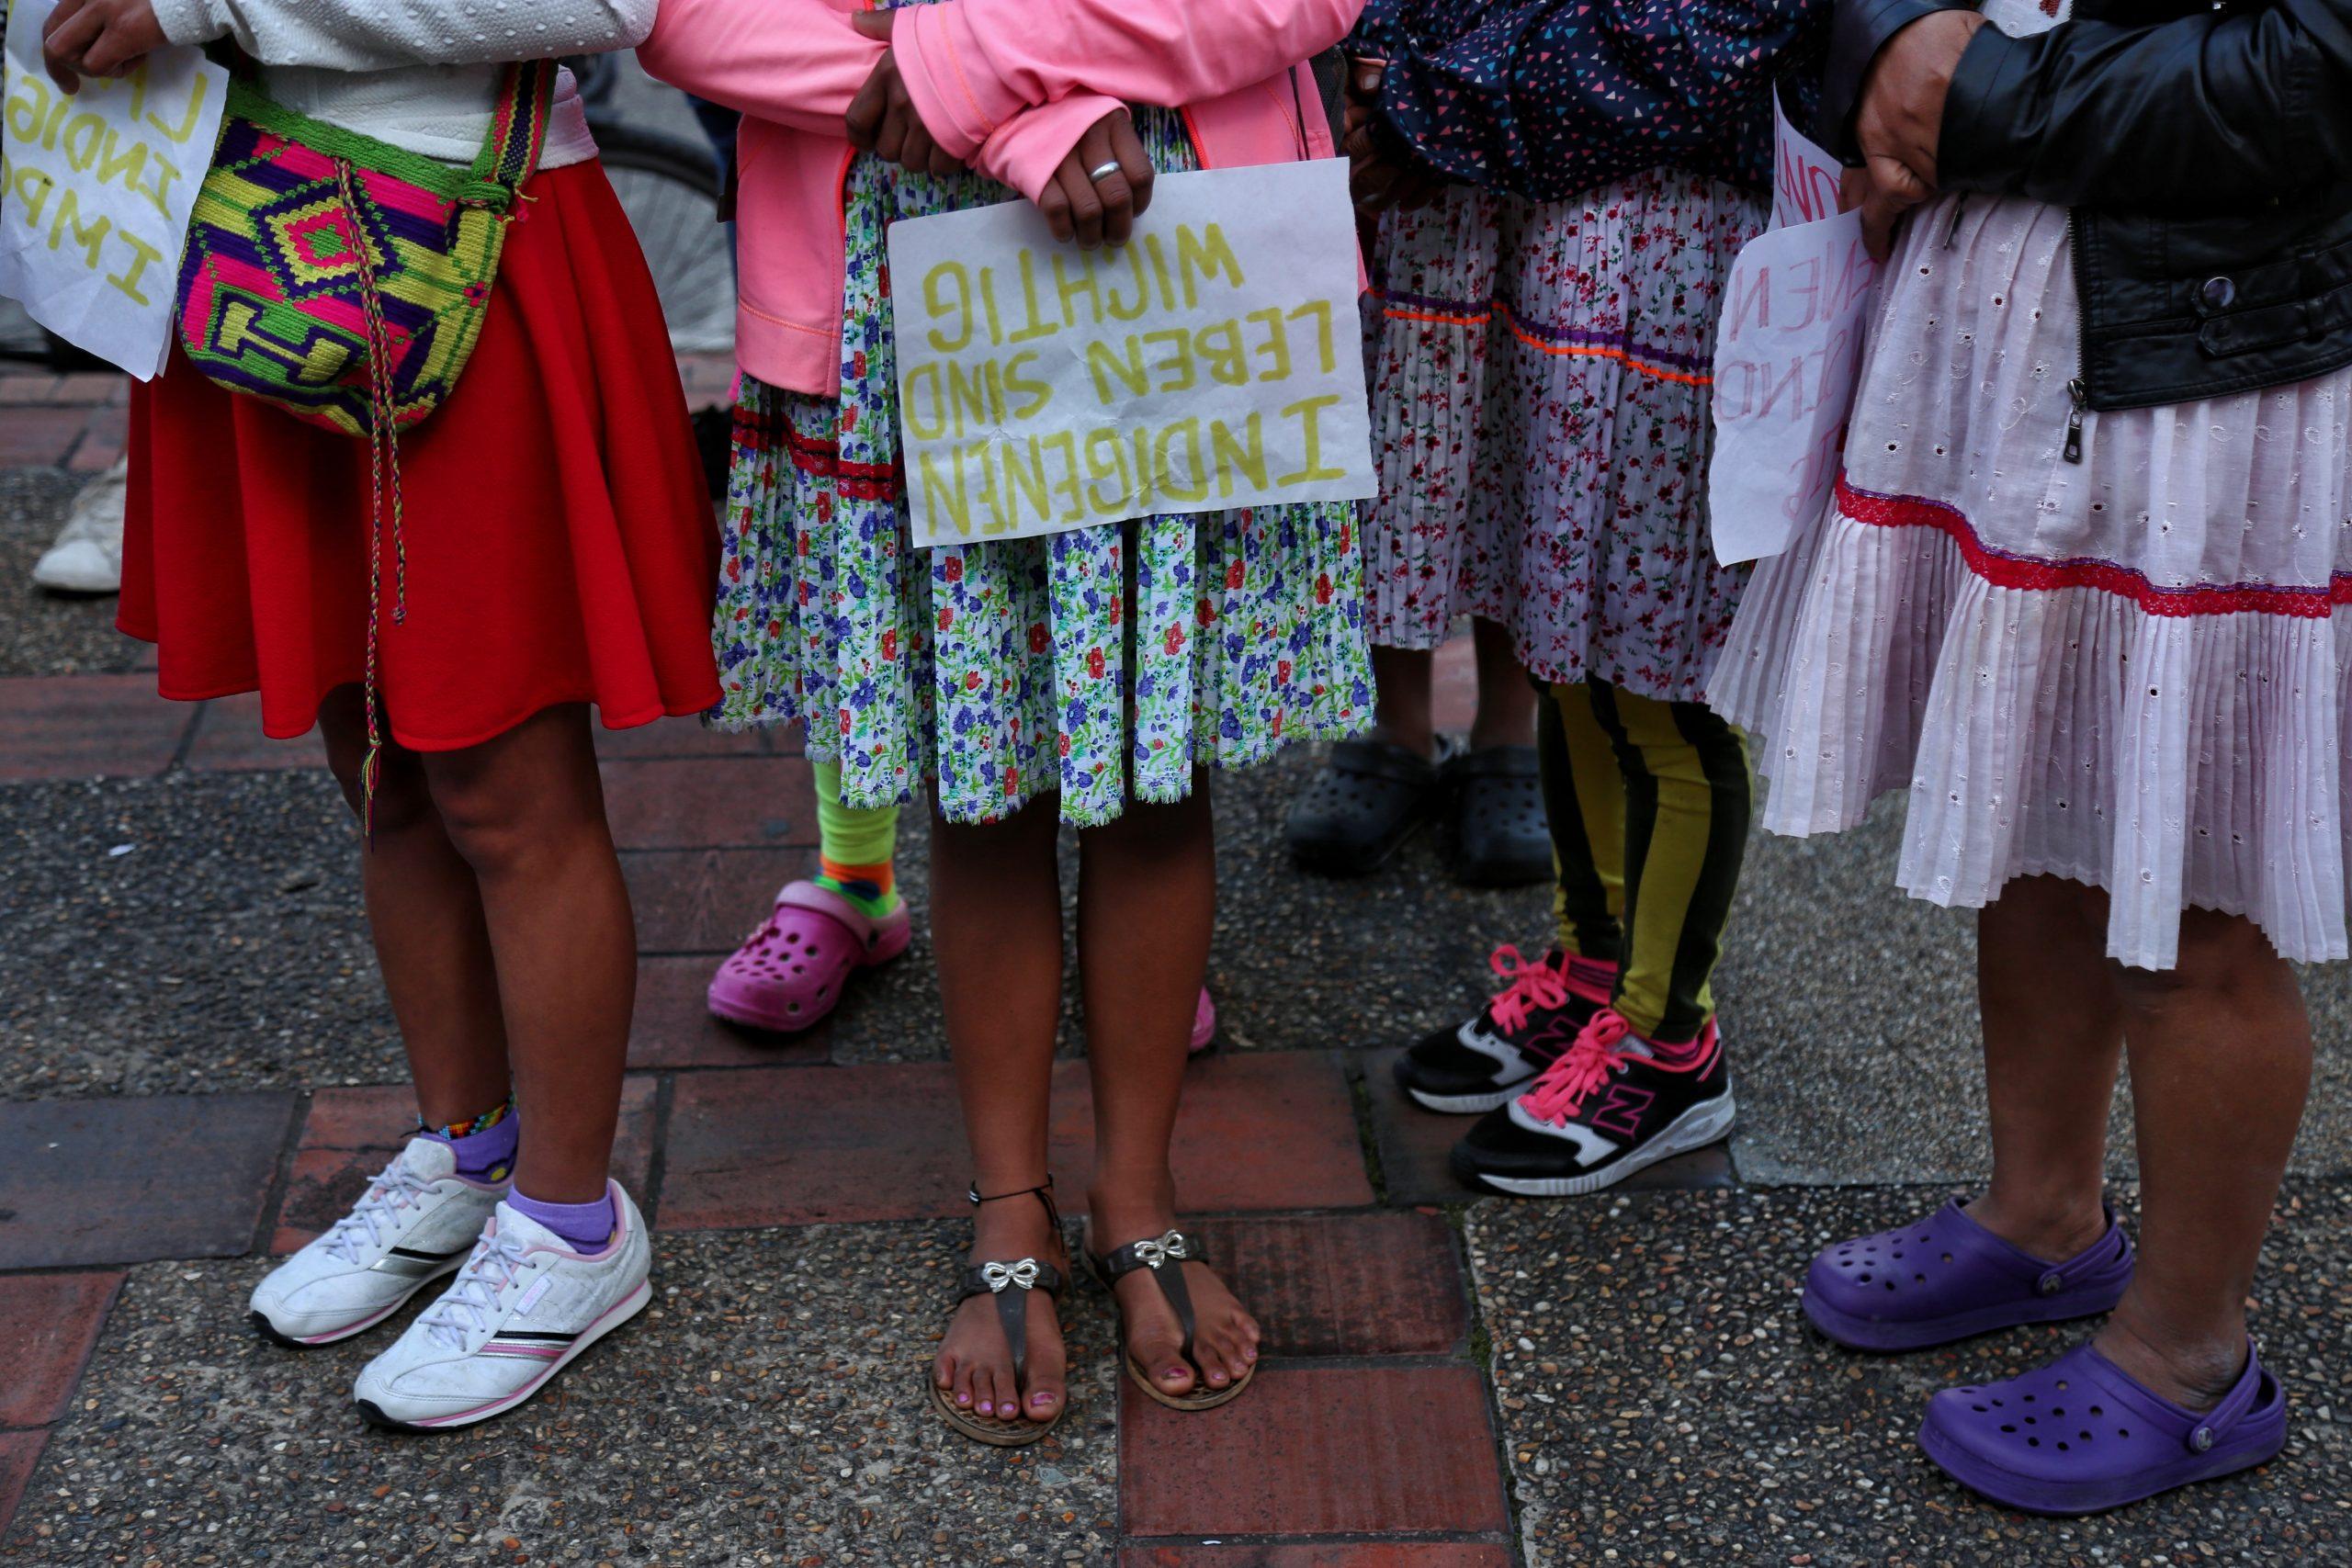 Condenan a 7 soldados que abusaron sexualmente a niña del pueblo Embera